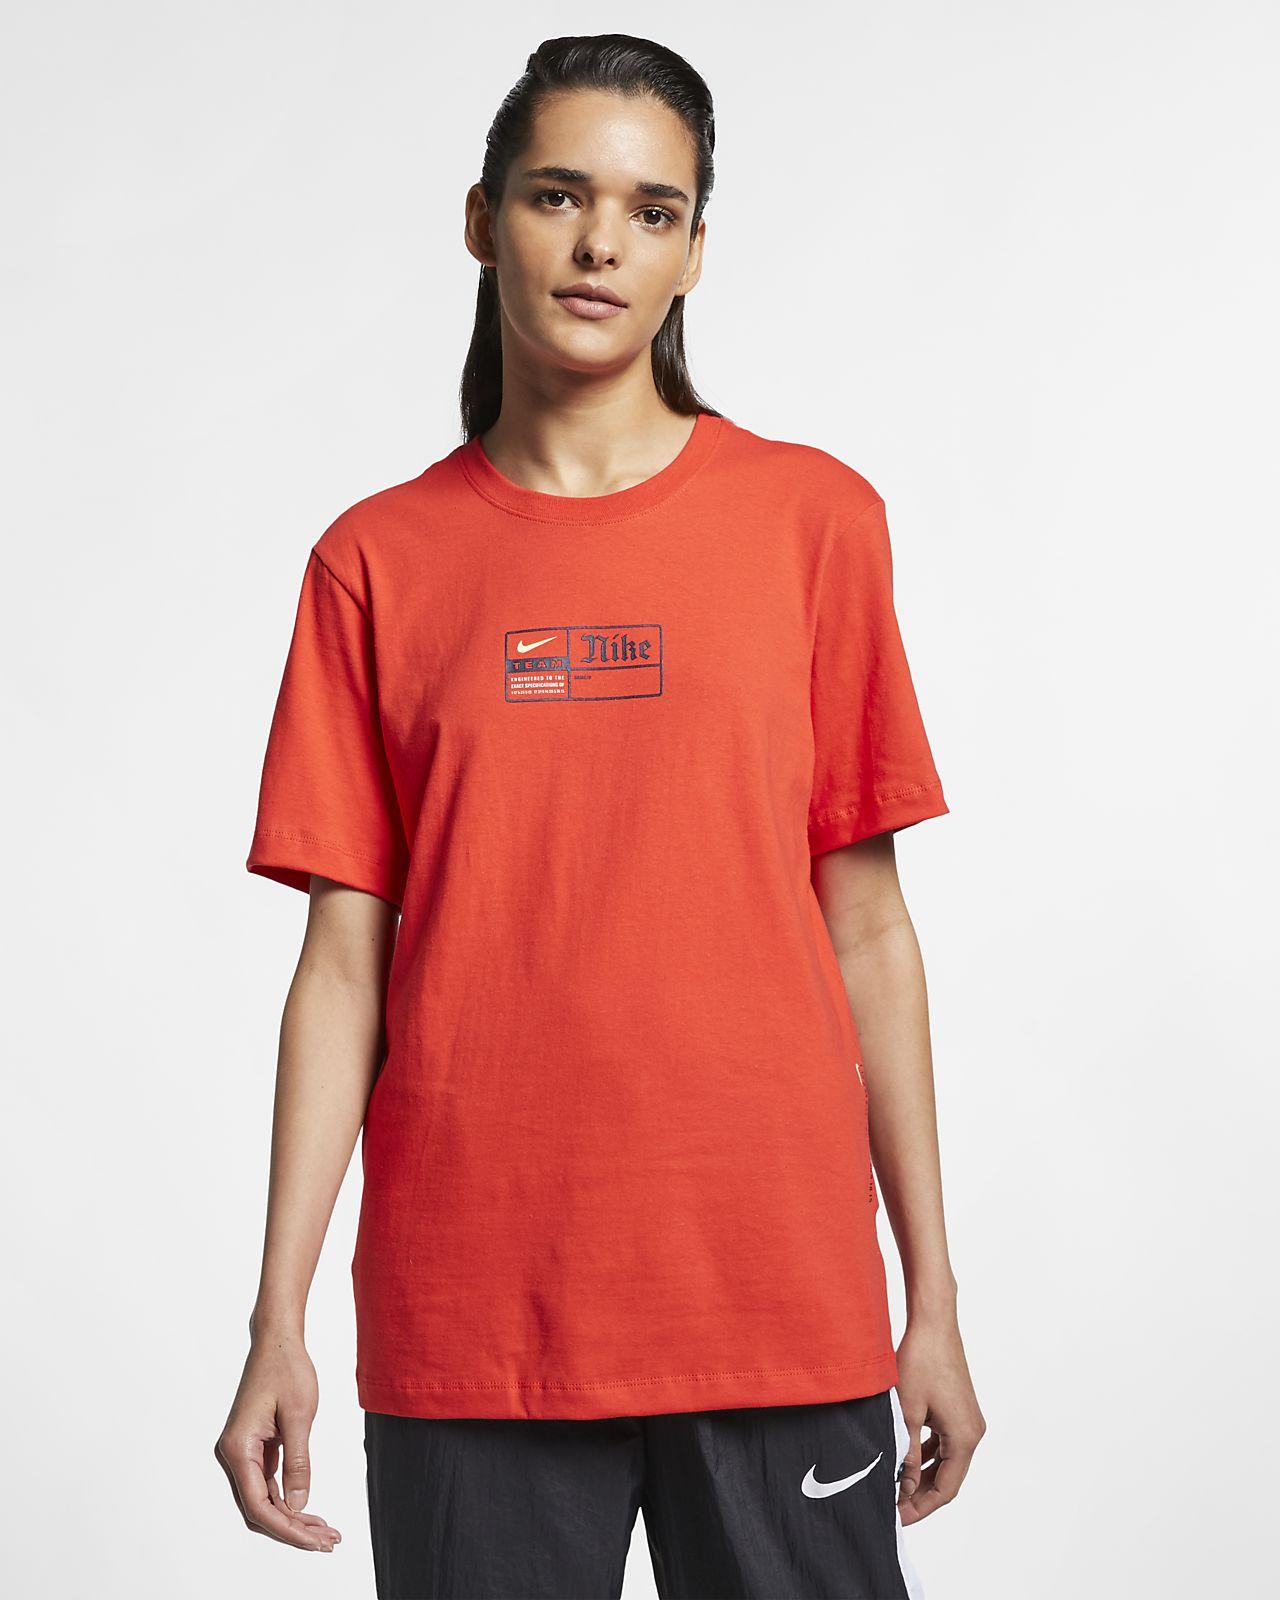 Nike Sportswear Women's Oversized T-Shirt by Alexis Quintero